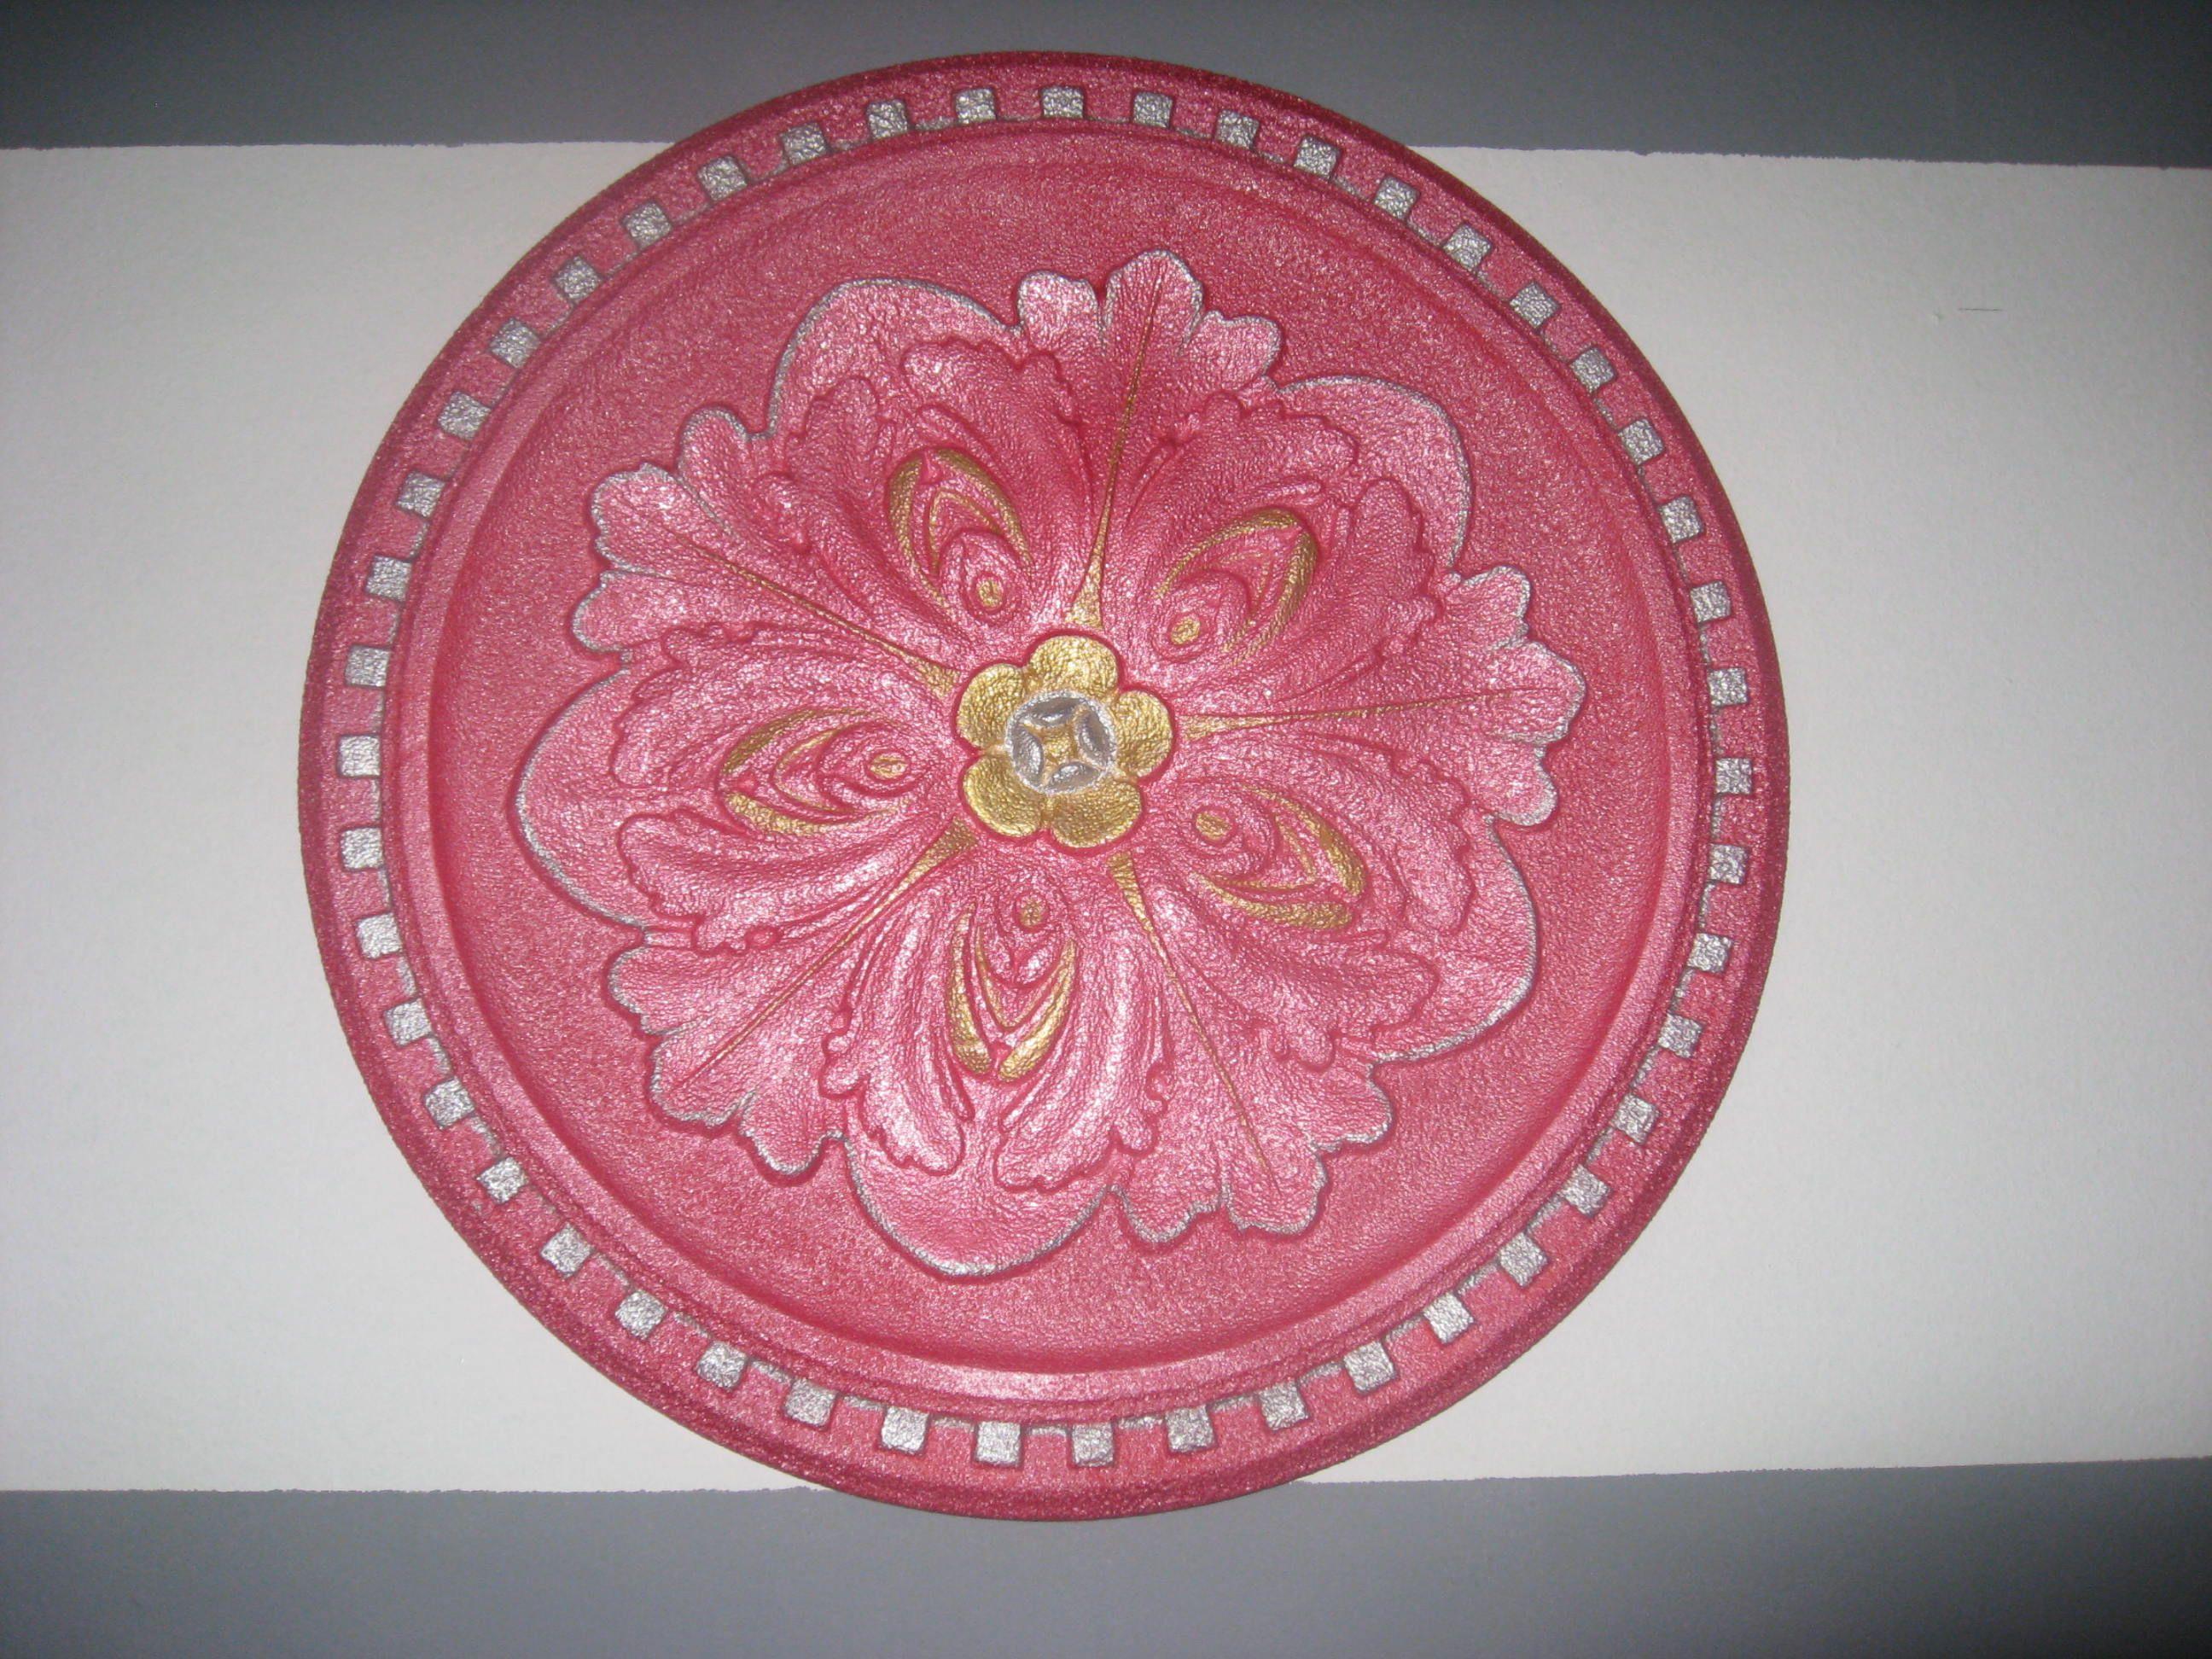 Roseta de techo rosa y dorada